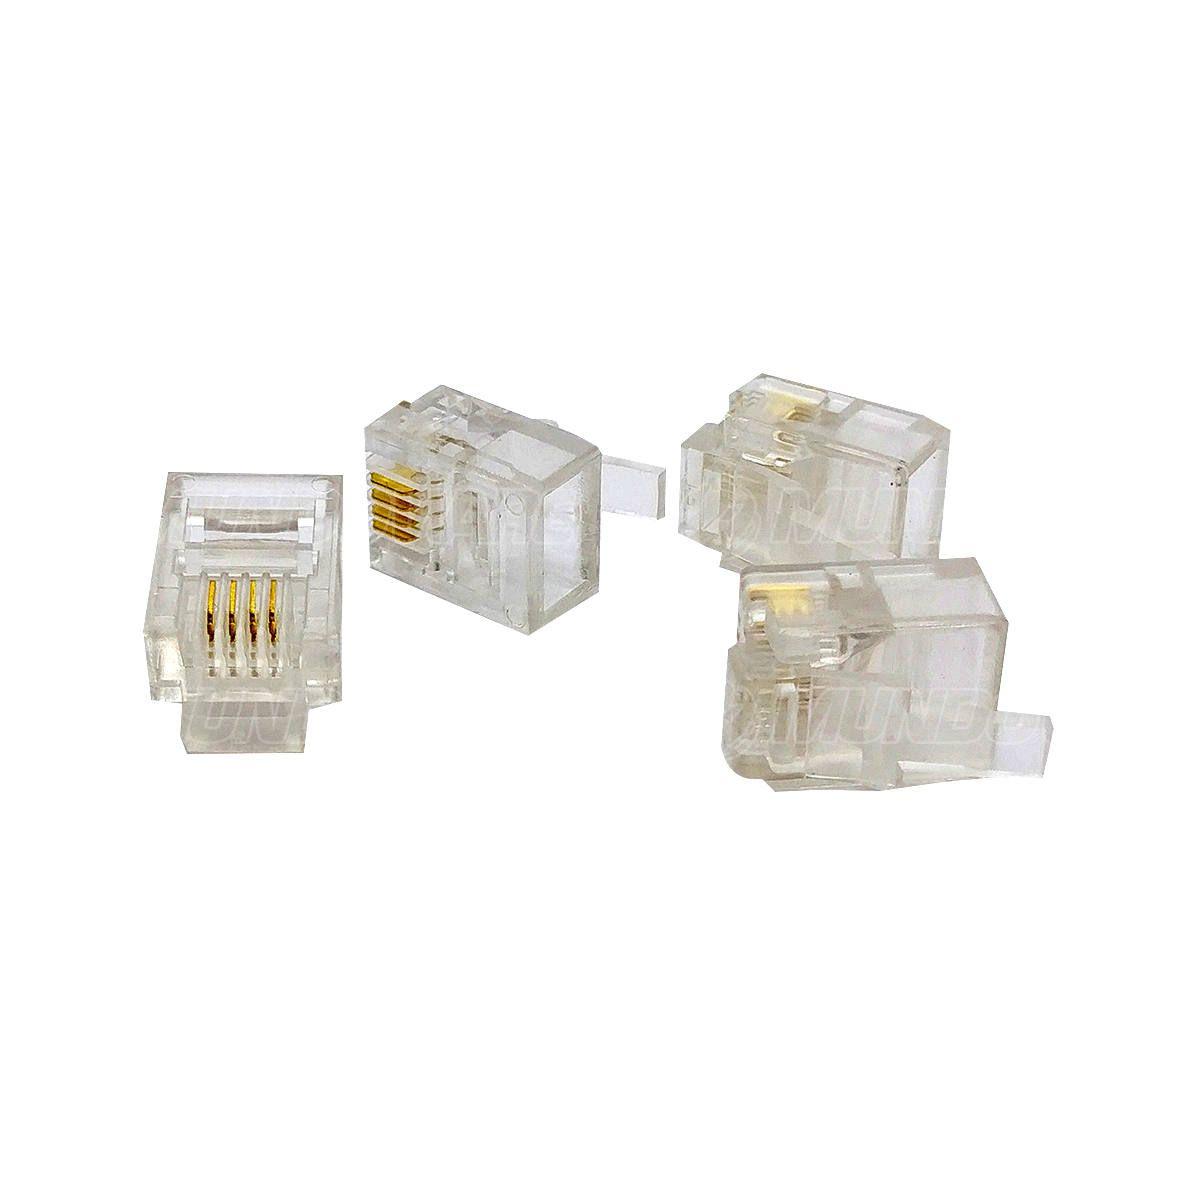 Conector RJ11 4P4C 4 Vias Suporta PABX e Linha Convencional de Telefonia Exbom RJ11P100 / Caixa com 100 Unidades